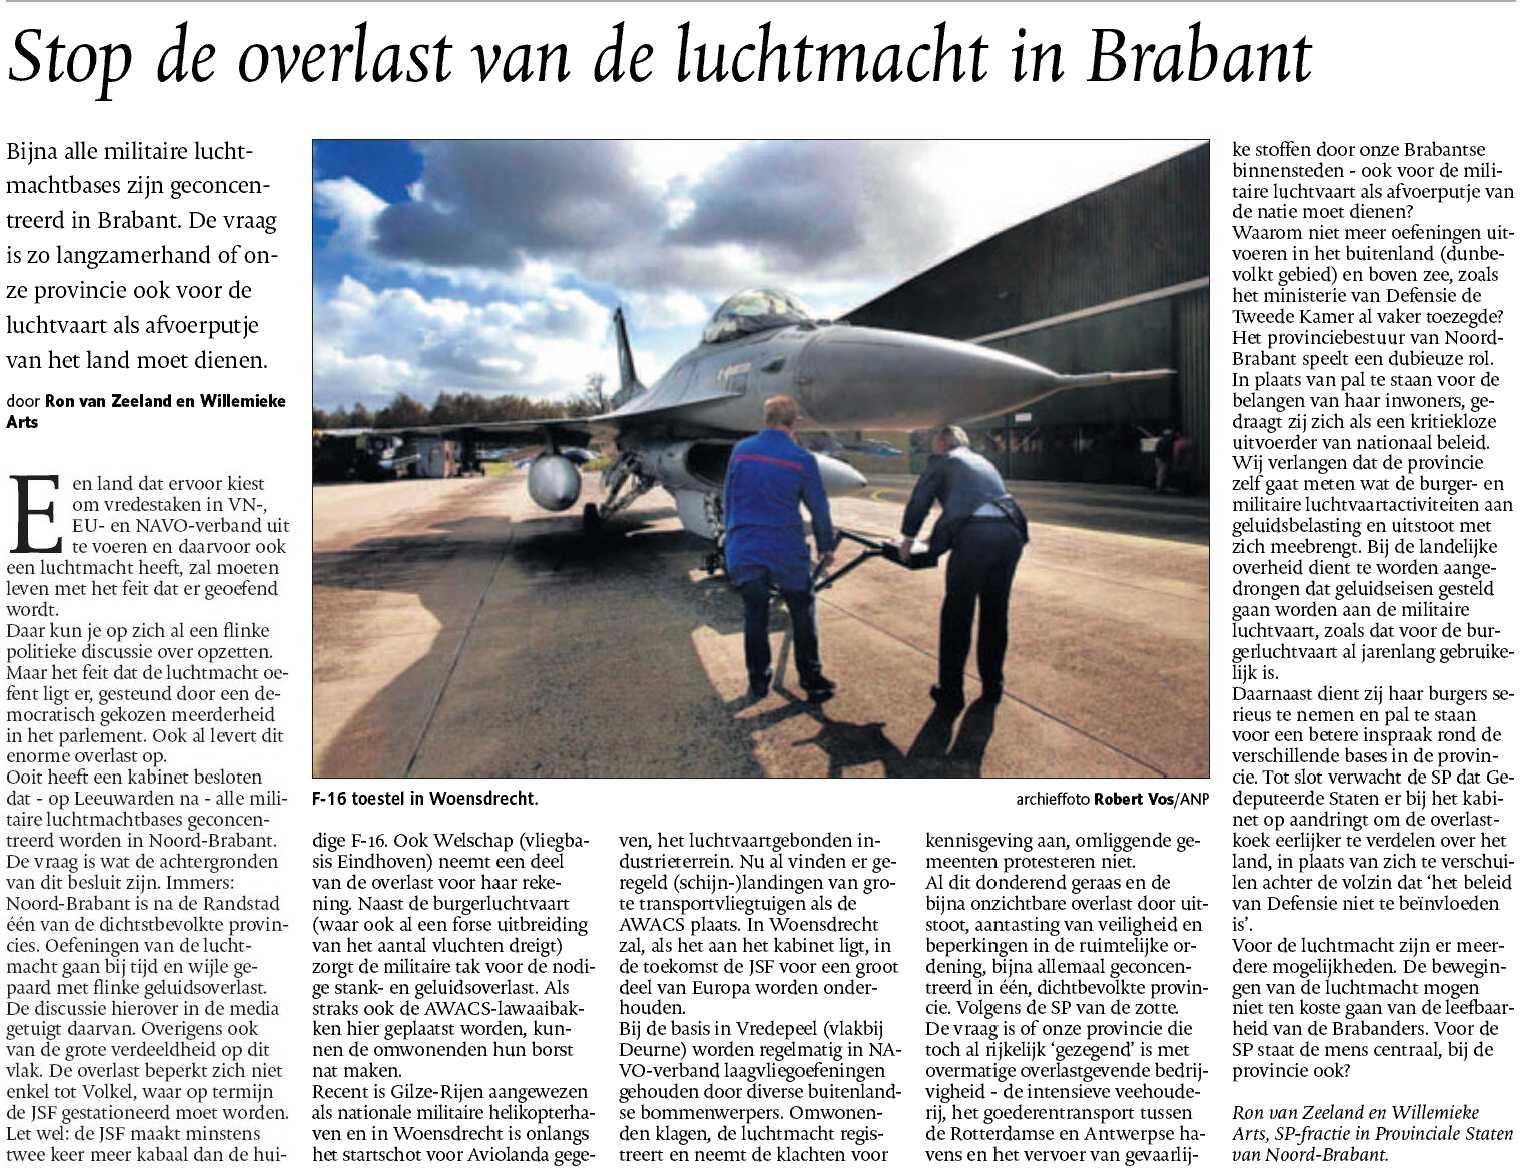 luchtmacht - vlieglawaai - Willemieke Arts - Ron van Zeeland